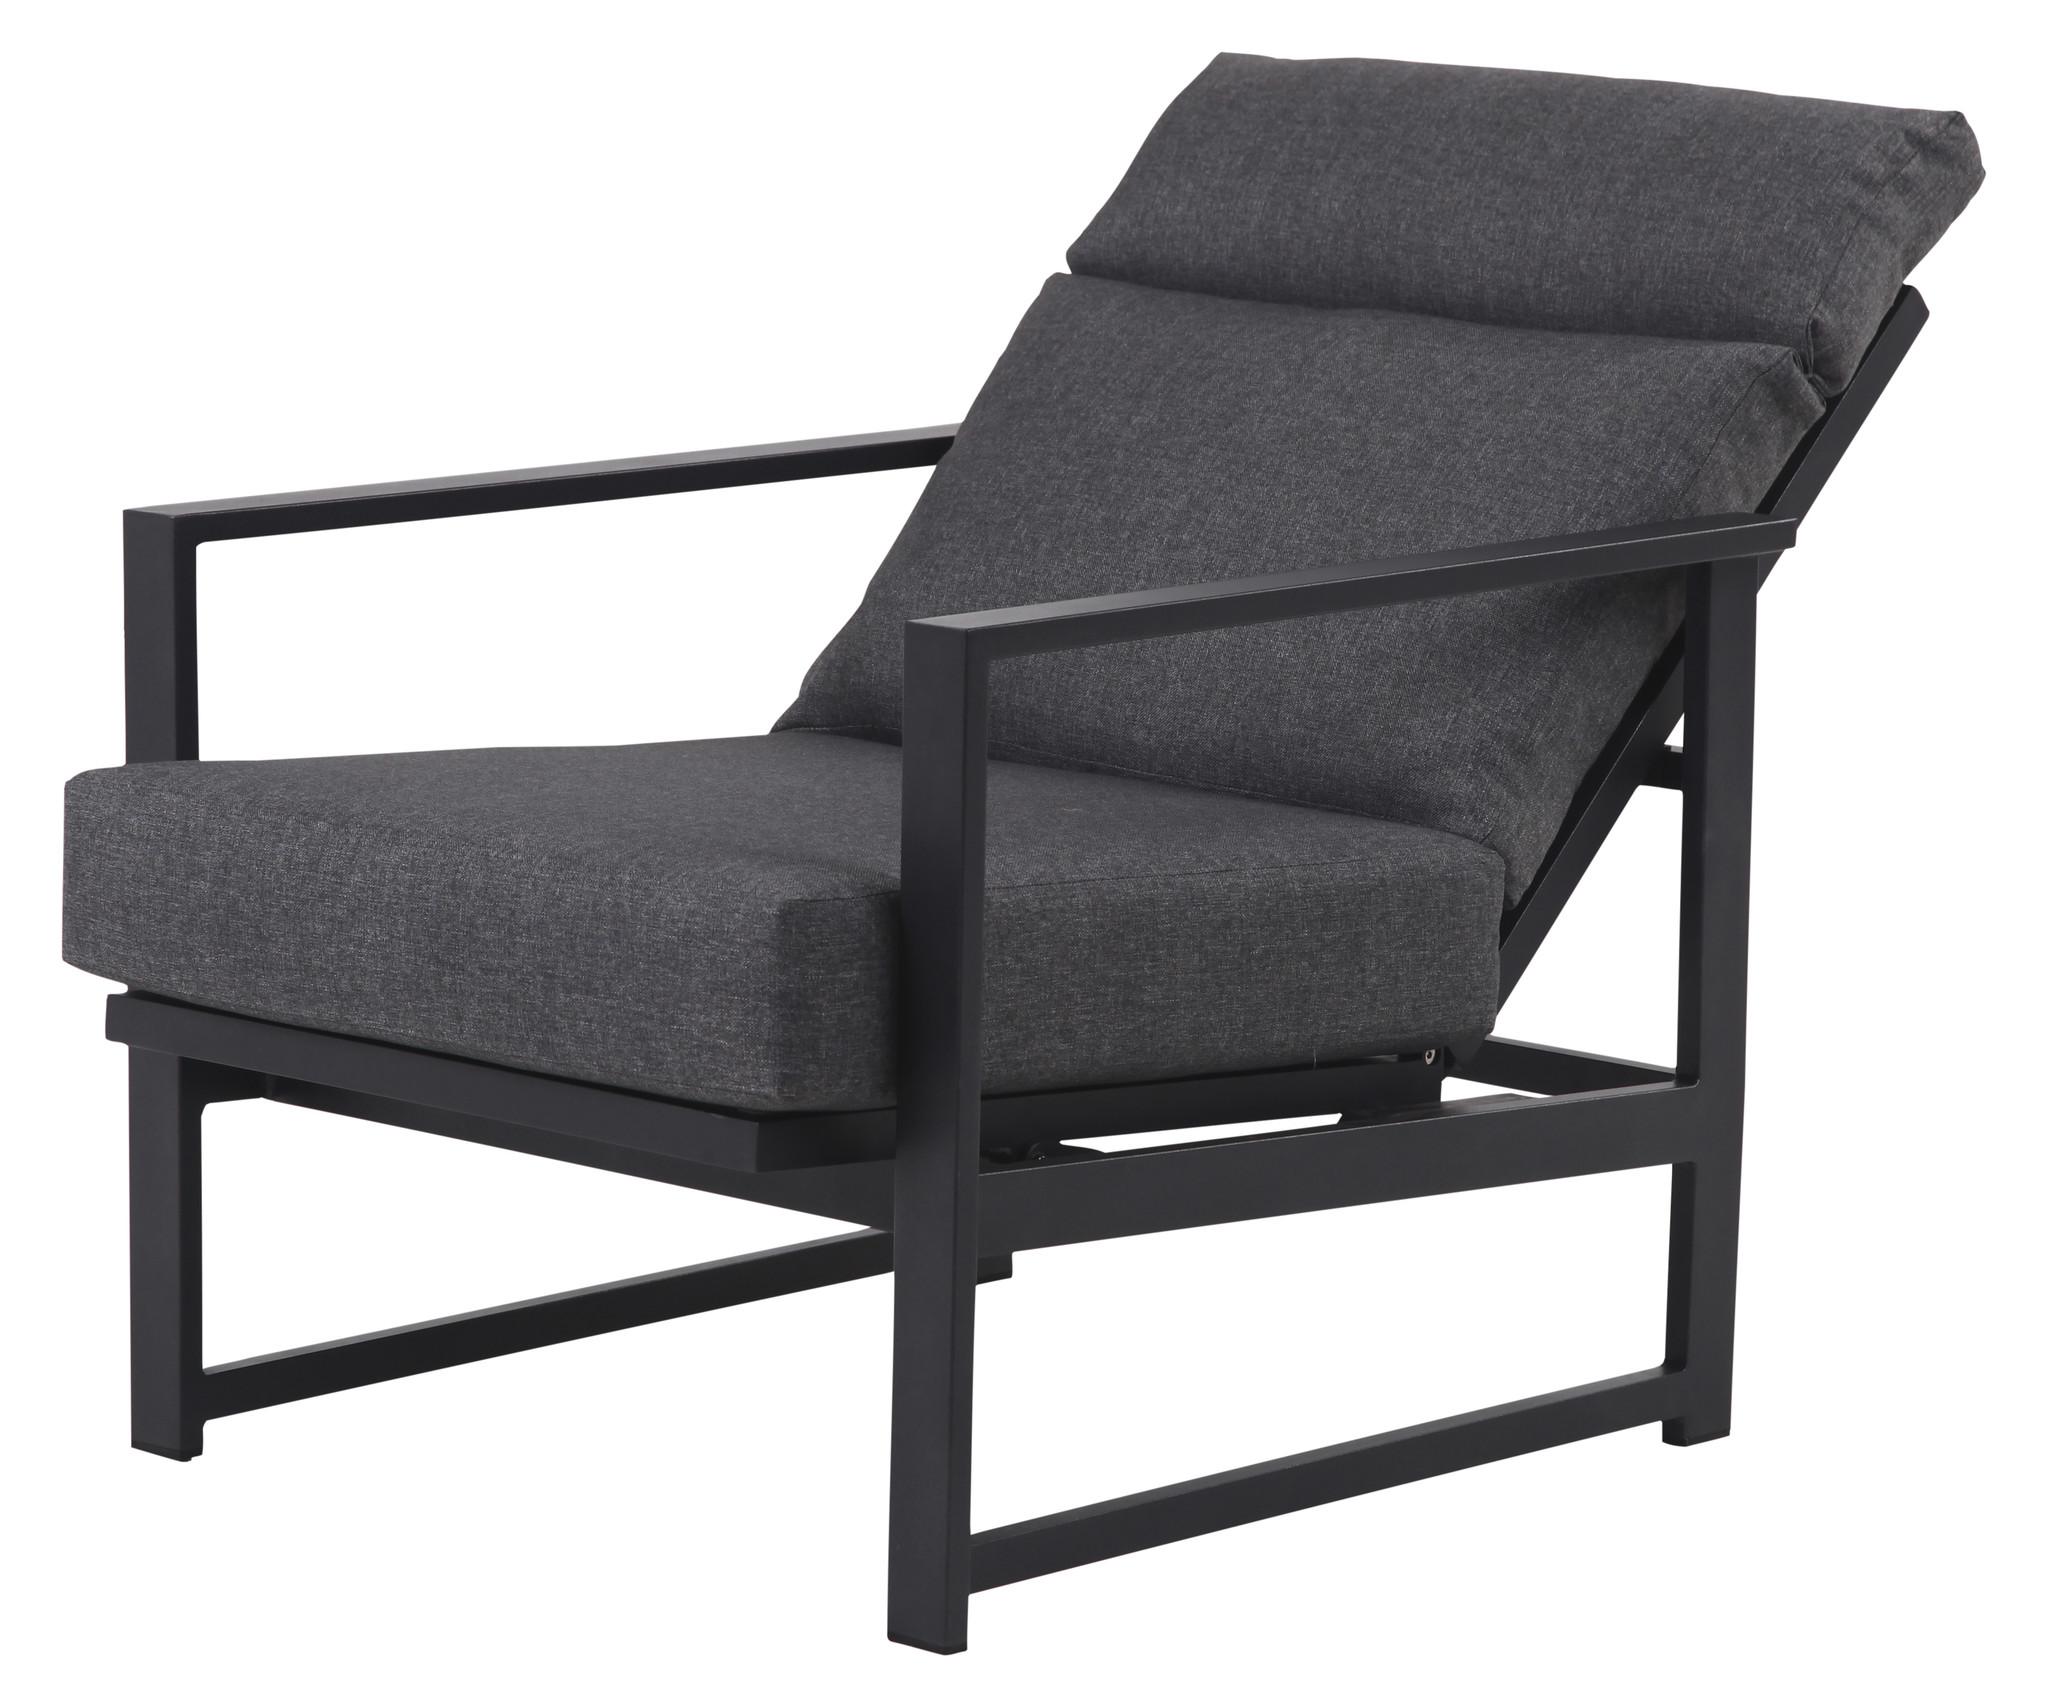 Lounge Stoel Met Kussen.Irina Loungestoel Incl Kussen Verstelbaar Zwart En Grijs